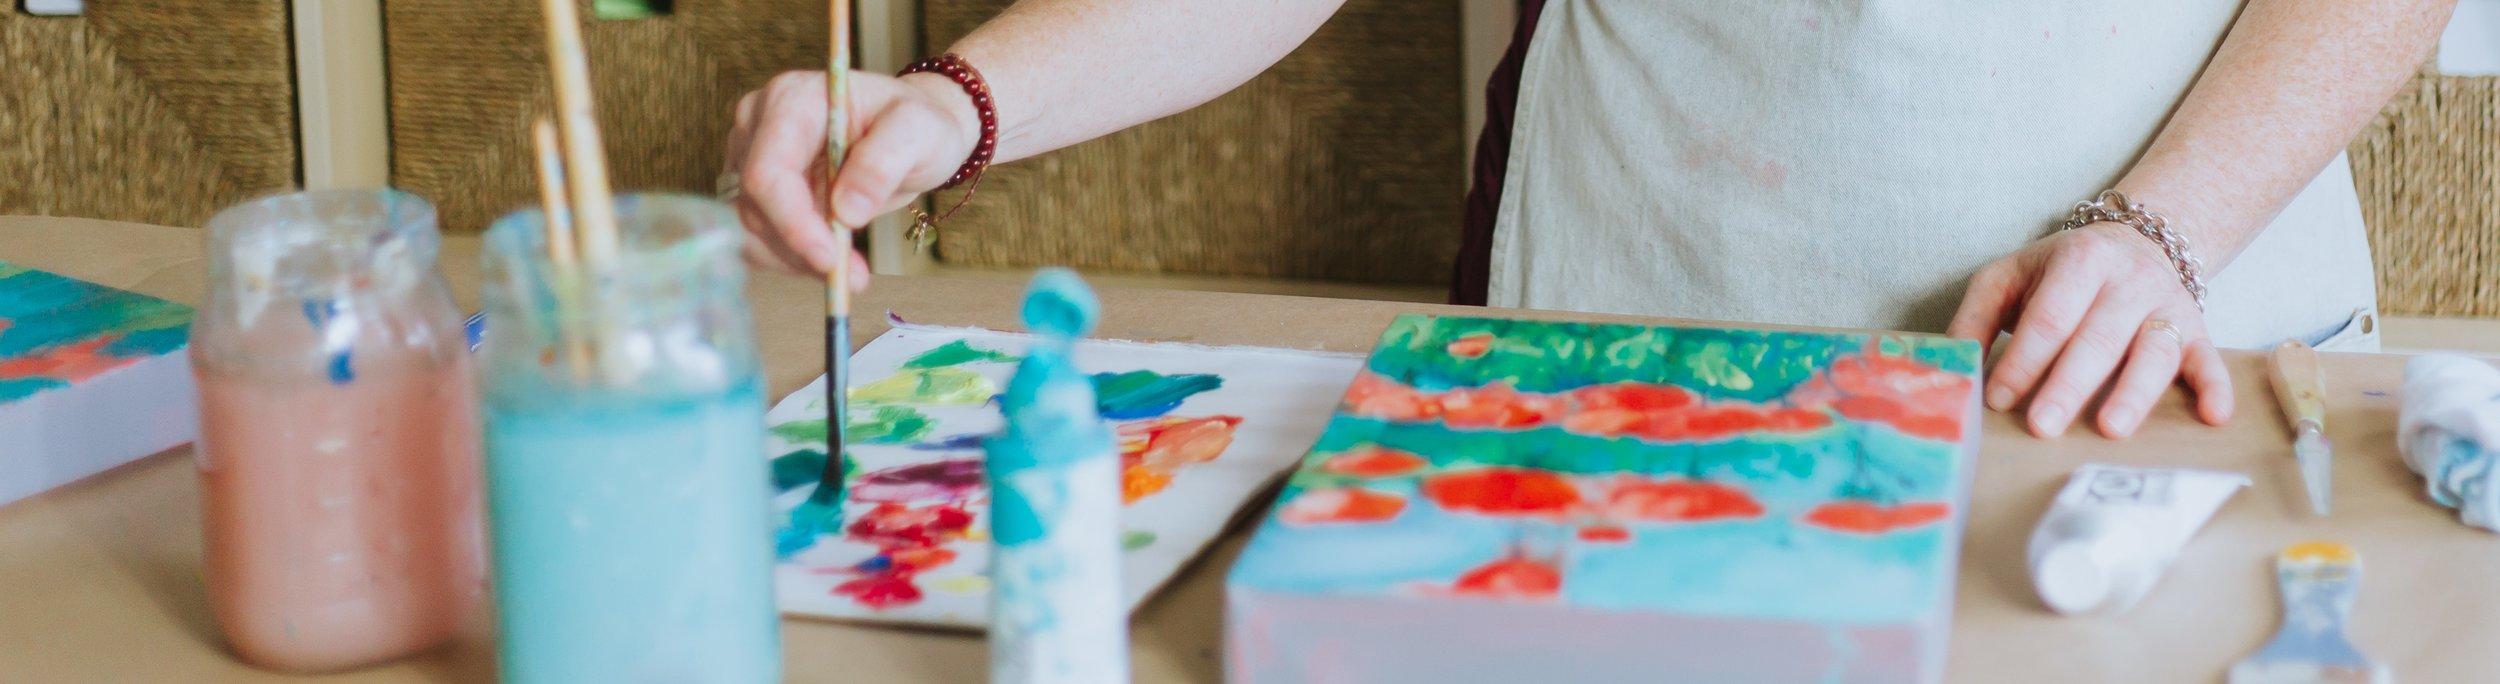 True Colors Art Program with Kellee Wynne Studios in the studio painting 7 (2).jpg